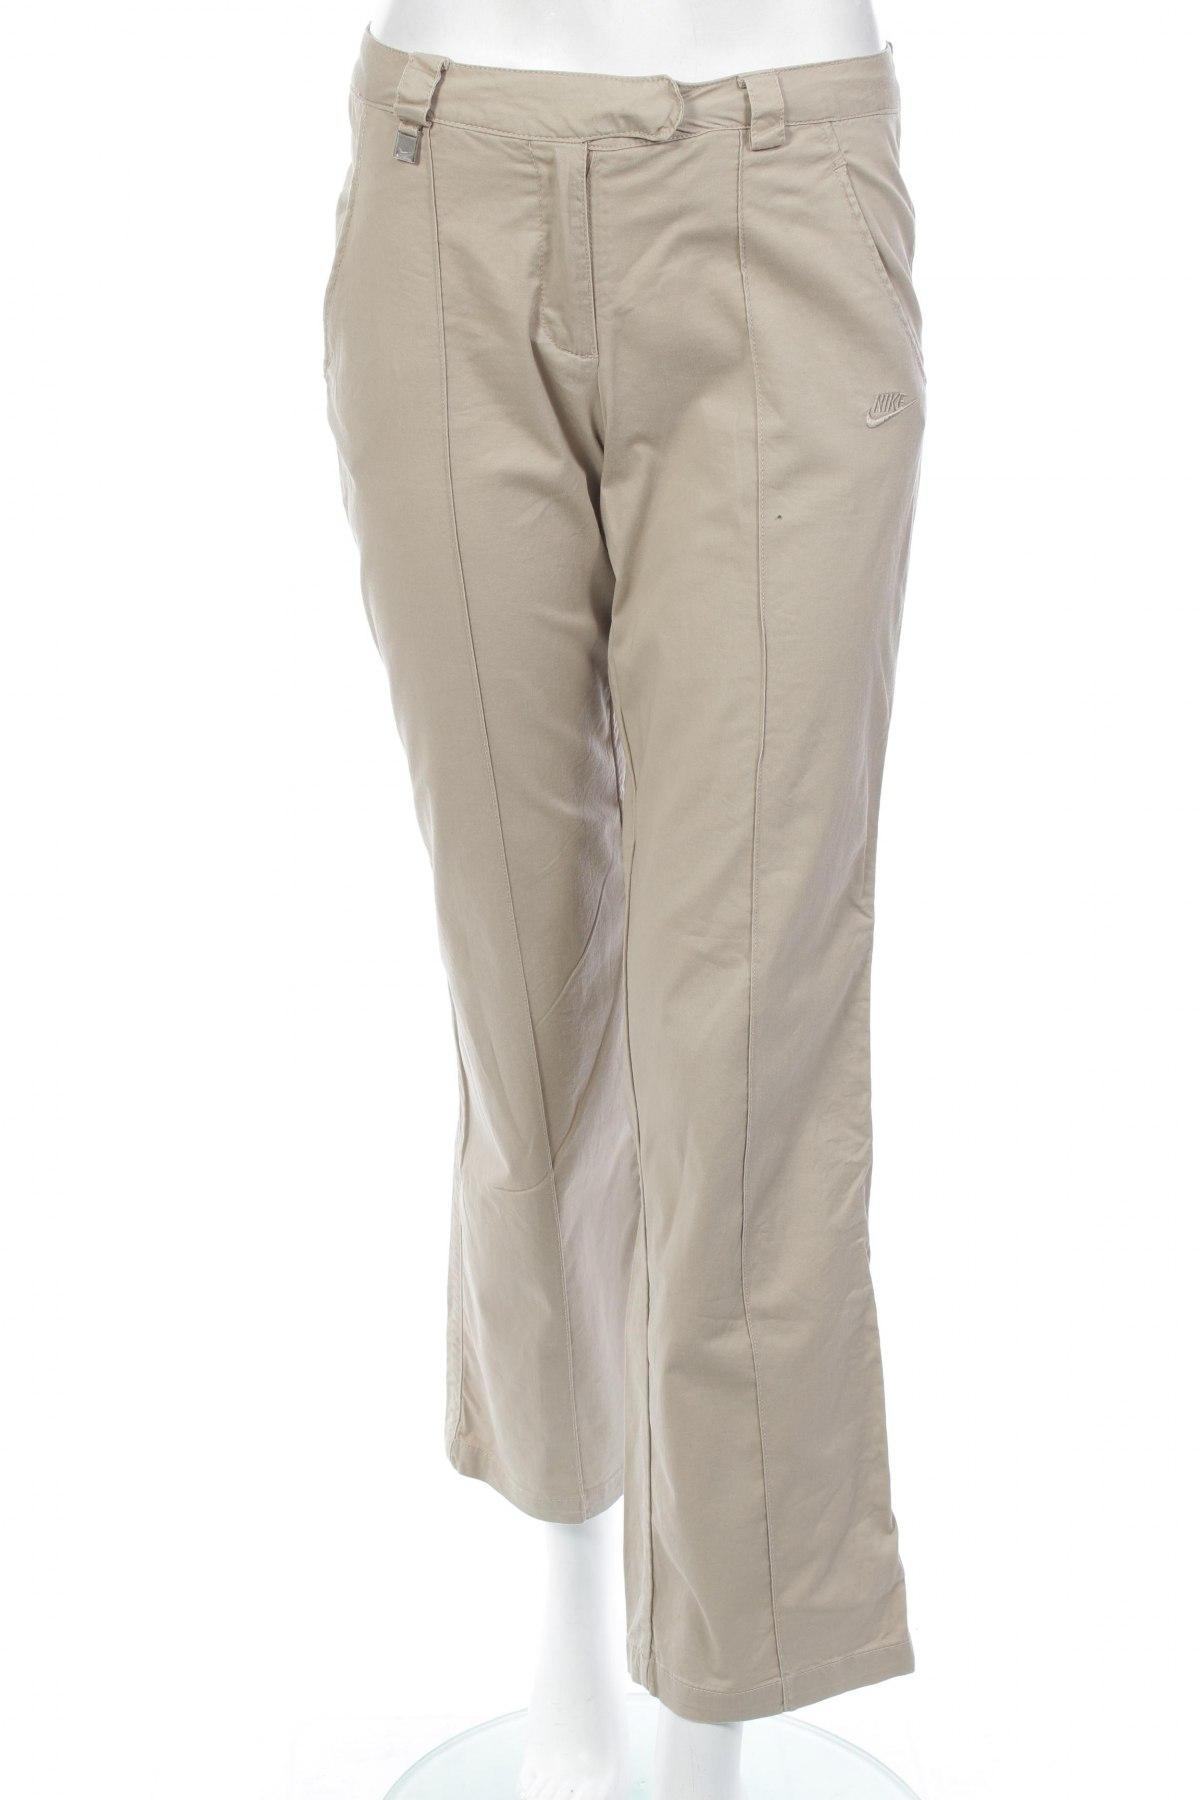 ccd91e4aa42 Dámske nohavice Nike - za výhodnú cenu na Remix -  101739659